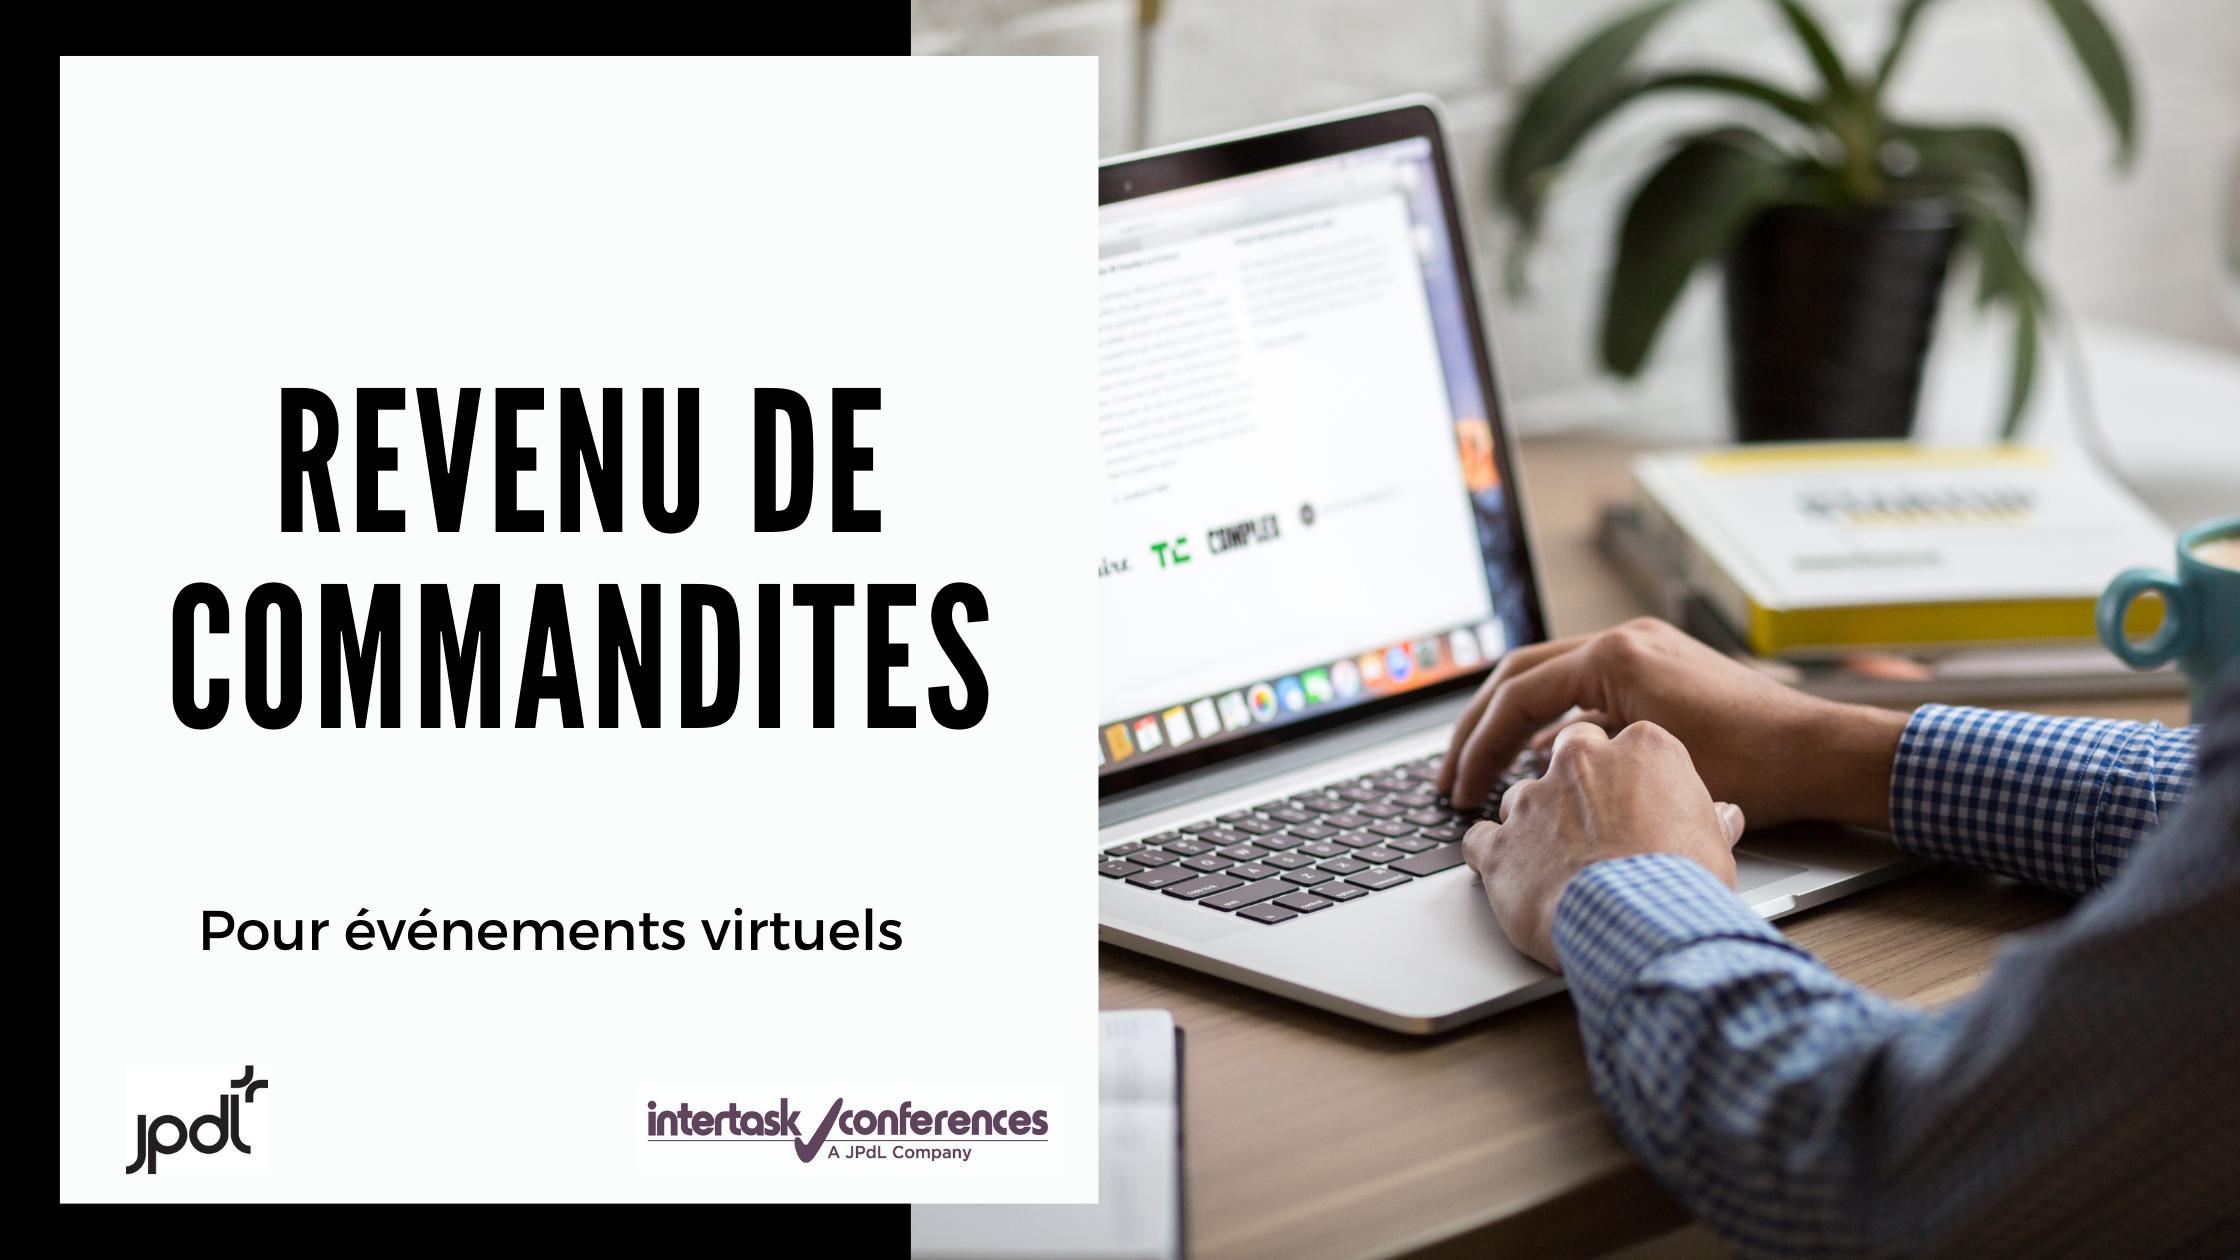 Comment maximiser les revenus de commandite lors d'événements virtuels?